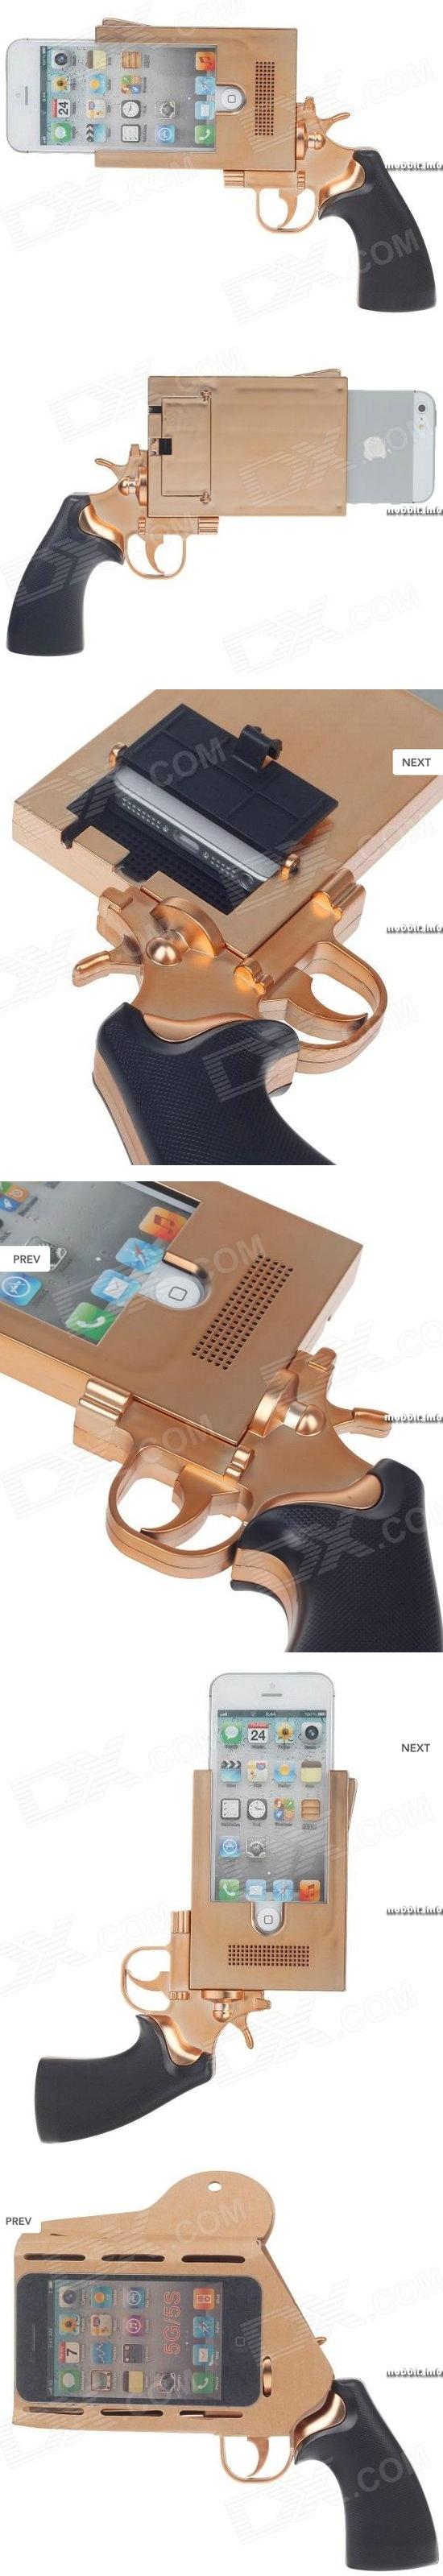 Чехол-пистолет для iPhone